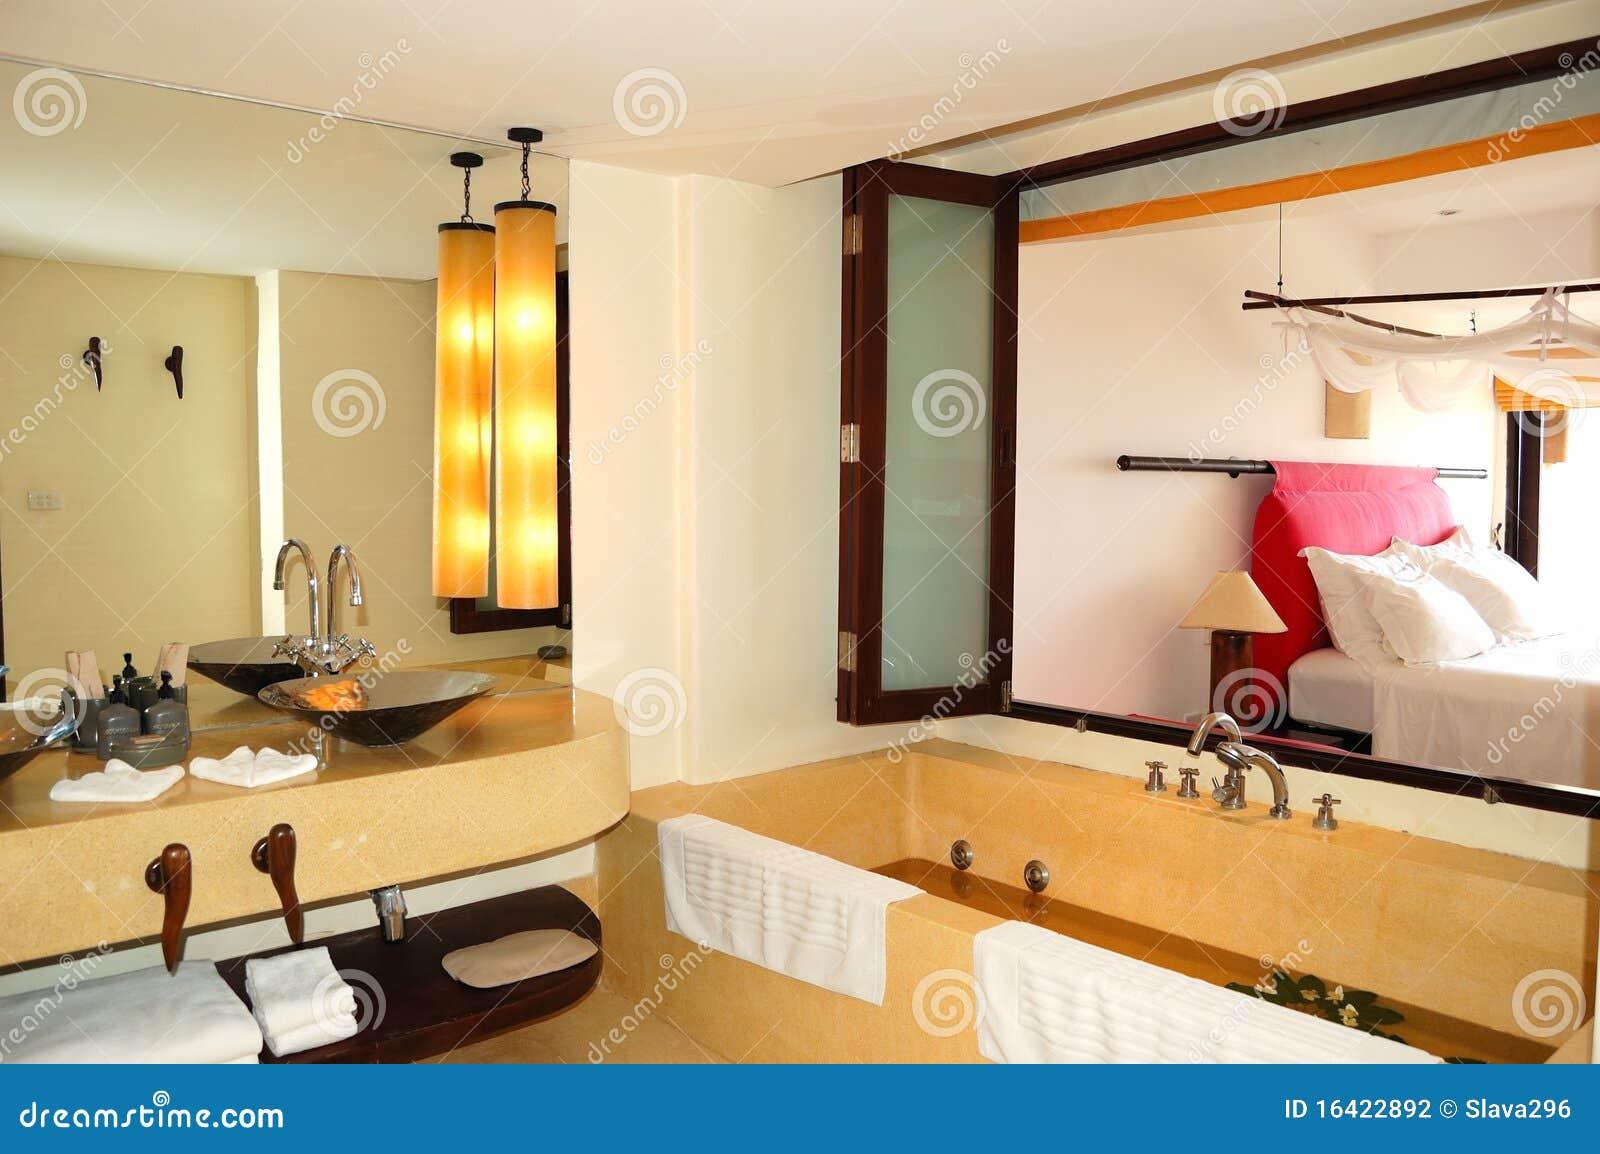 Baño De Lujo Moderno: de archivo: Interior moderno del cuarto de baño en el chalet de lujo